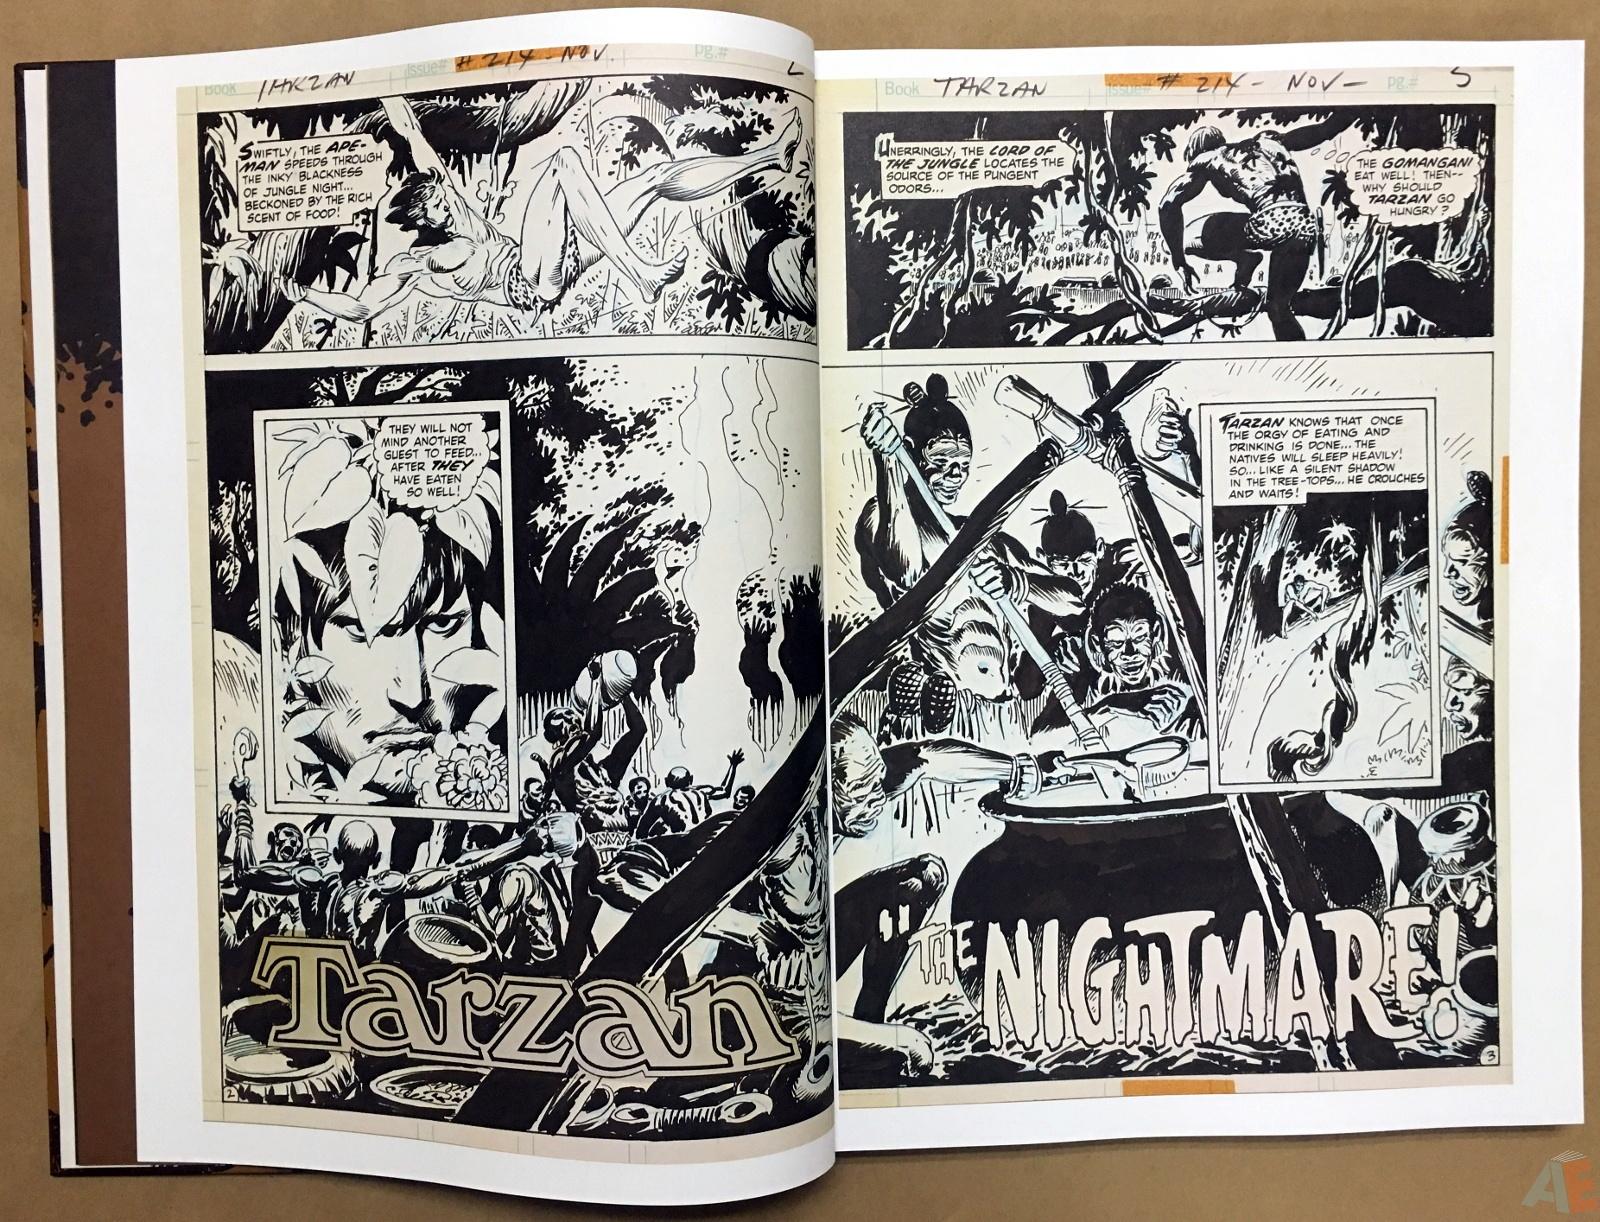 Joe Kubert's The Return Of Tarzan Artist's Edition 8